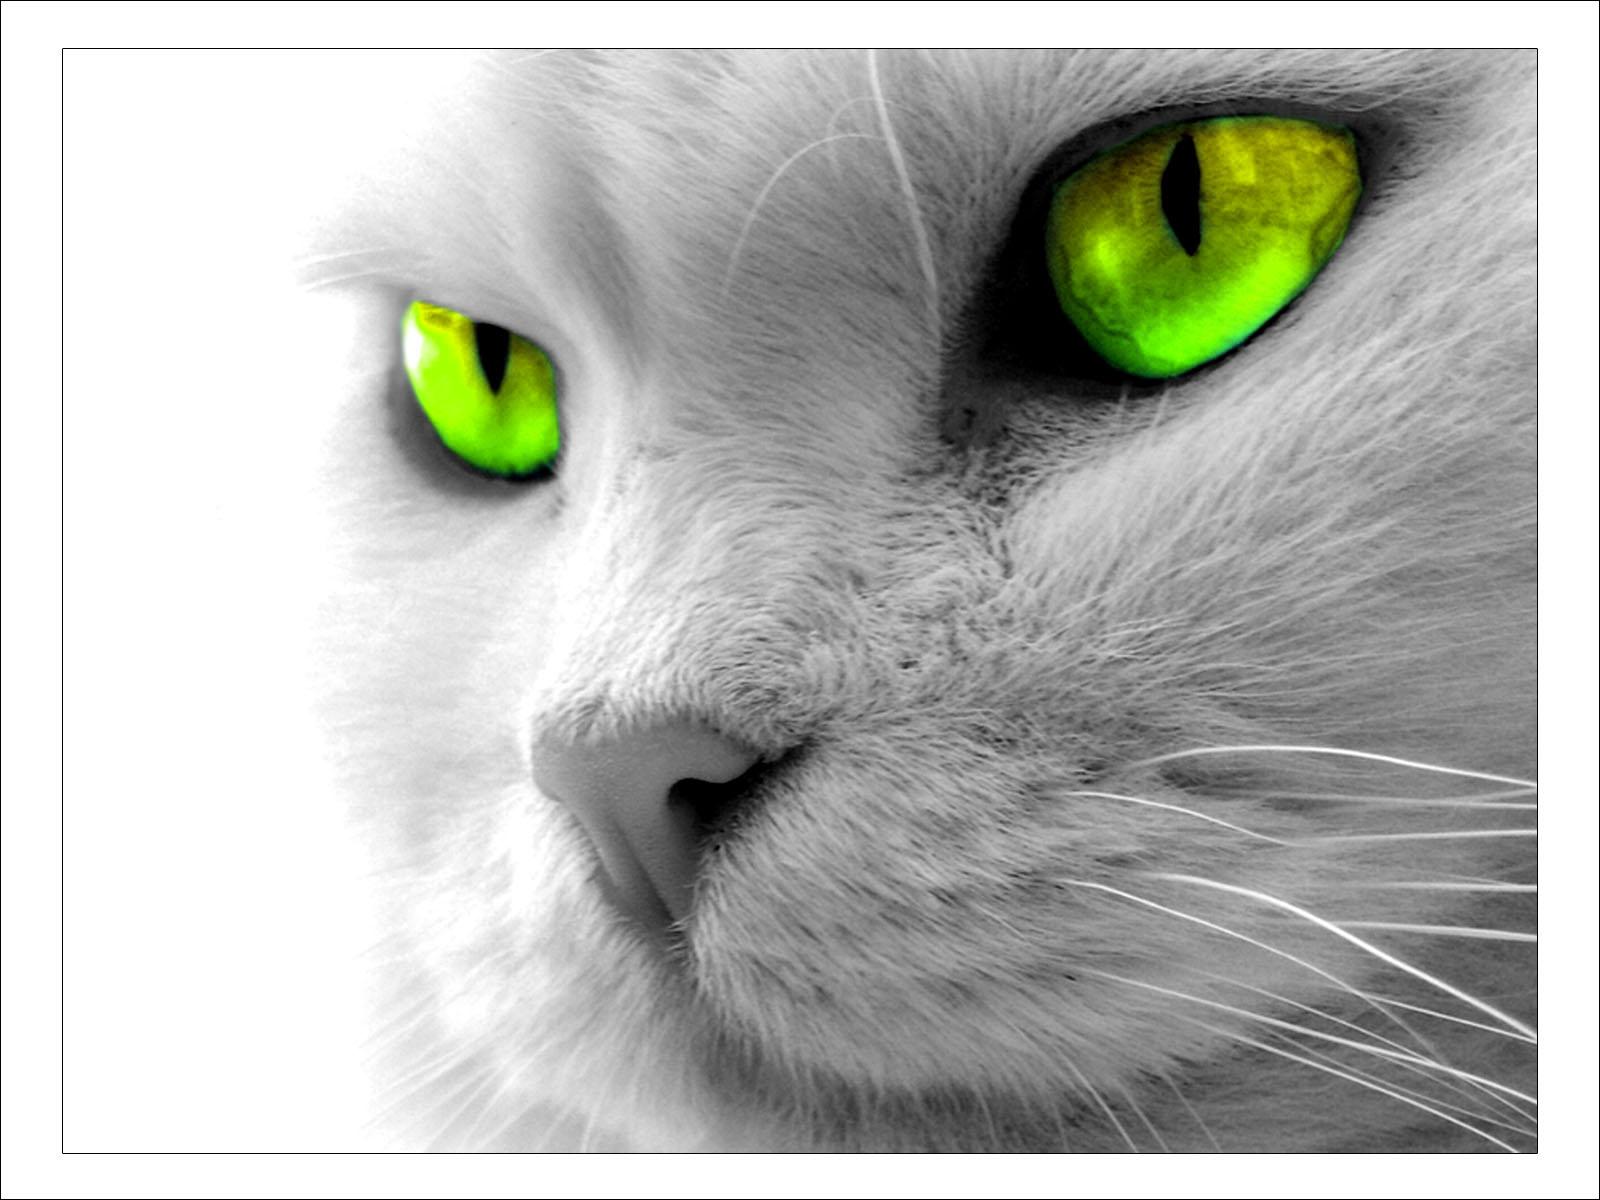 http://2.bp.blogspot.com/_md7-1kaasuY/SxQlC4AM8CI/AAAAAAAAB_g/oMohsJ6KGC8/s1600/catpaper10.jpg